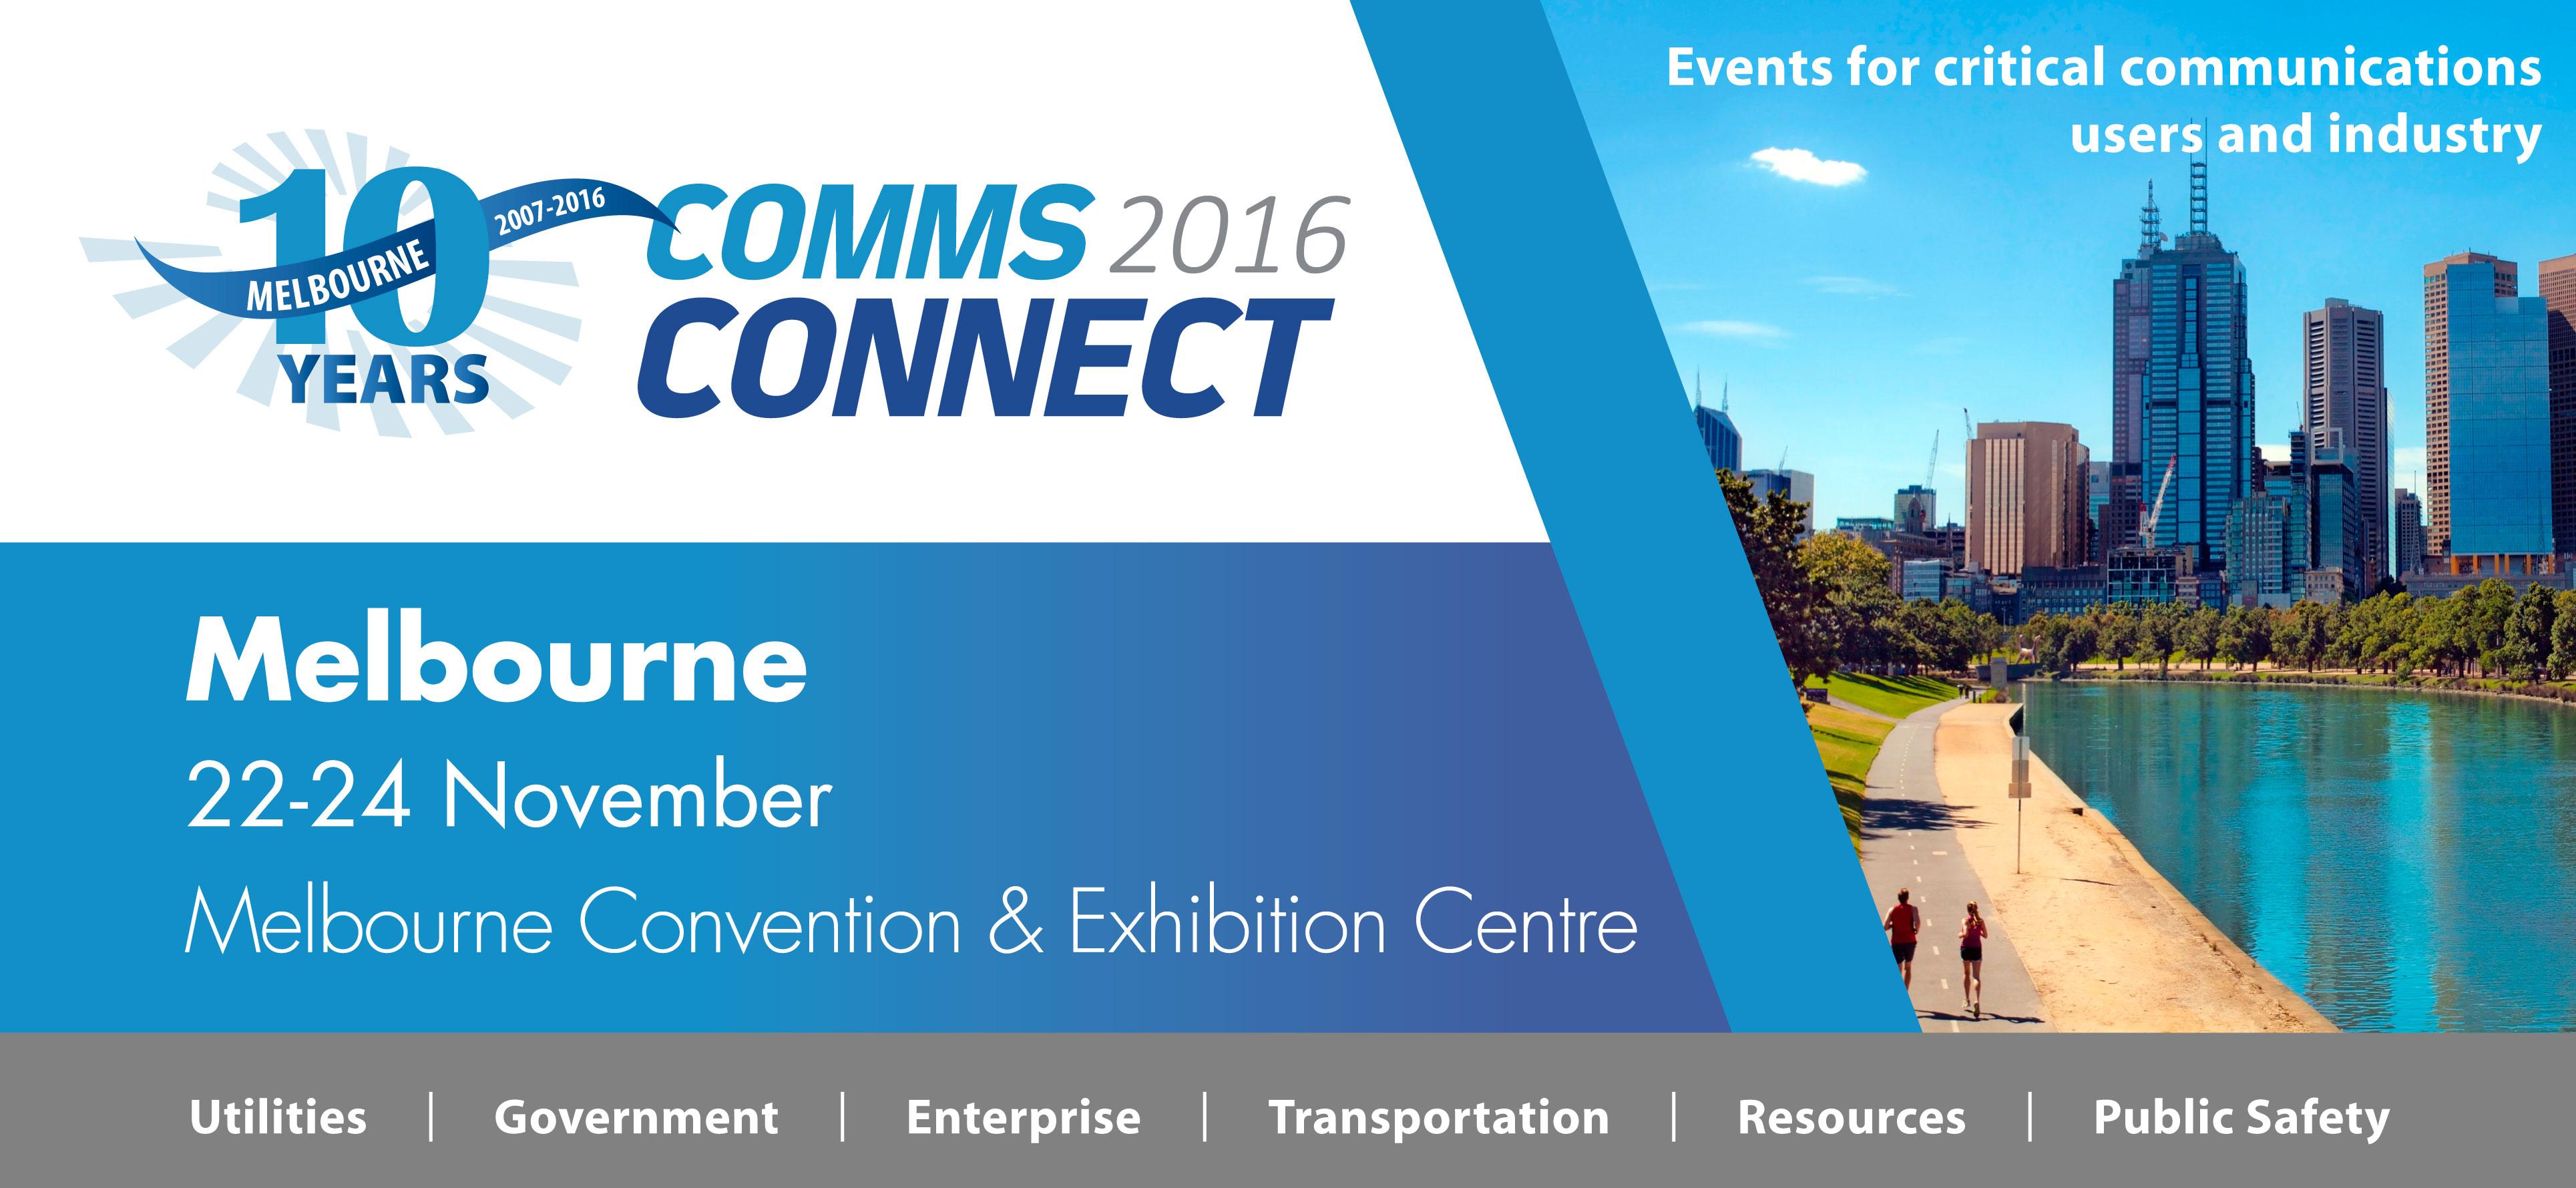 Comms Connect Melbourne 2016